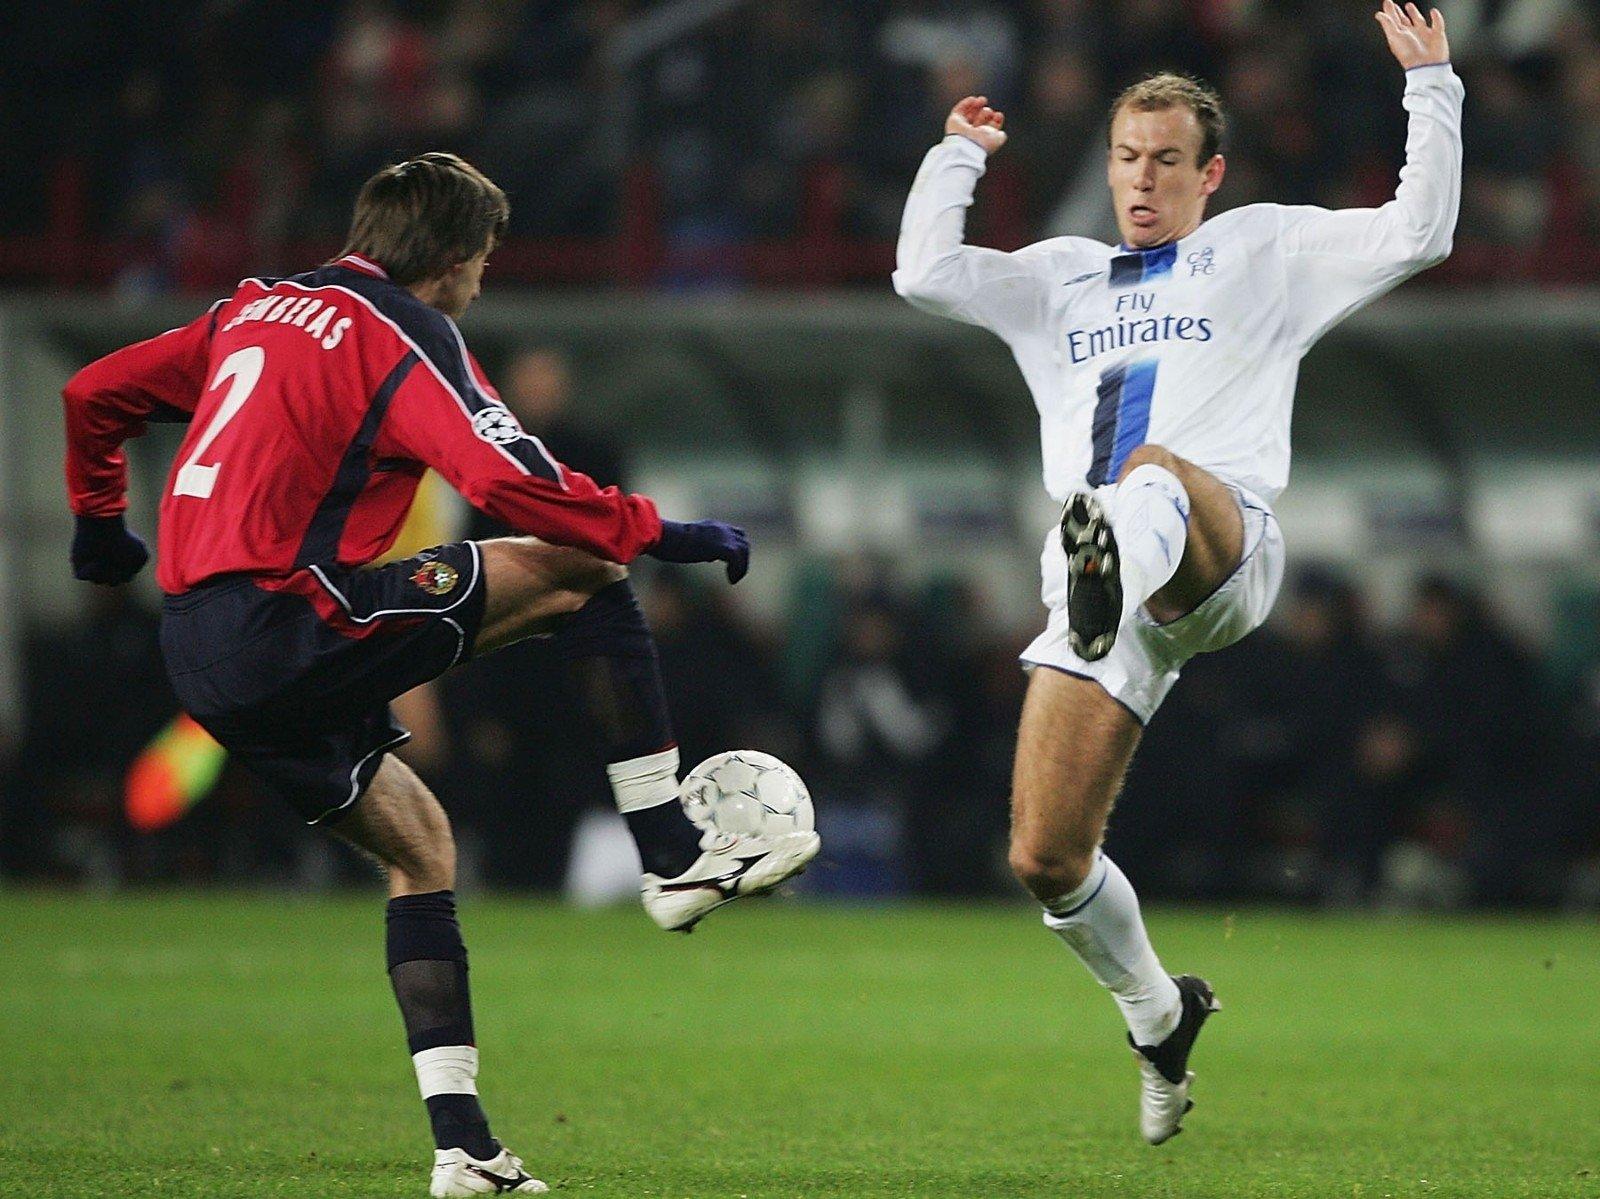 В 2004-м Семак завалил хет-трик «ПСЖ» и вывел ЦСКА в победную евровесну. Но Кубок УЕФА капитан не выиграл: после того матча он переехал в Париж